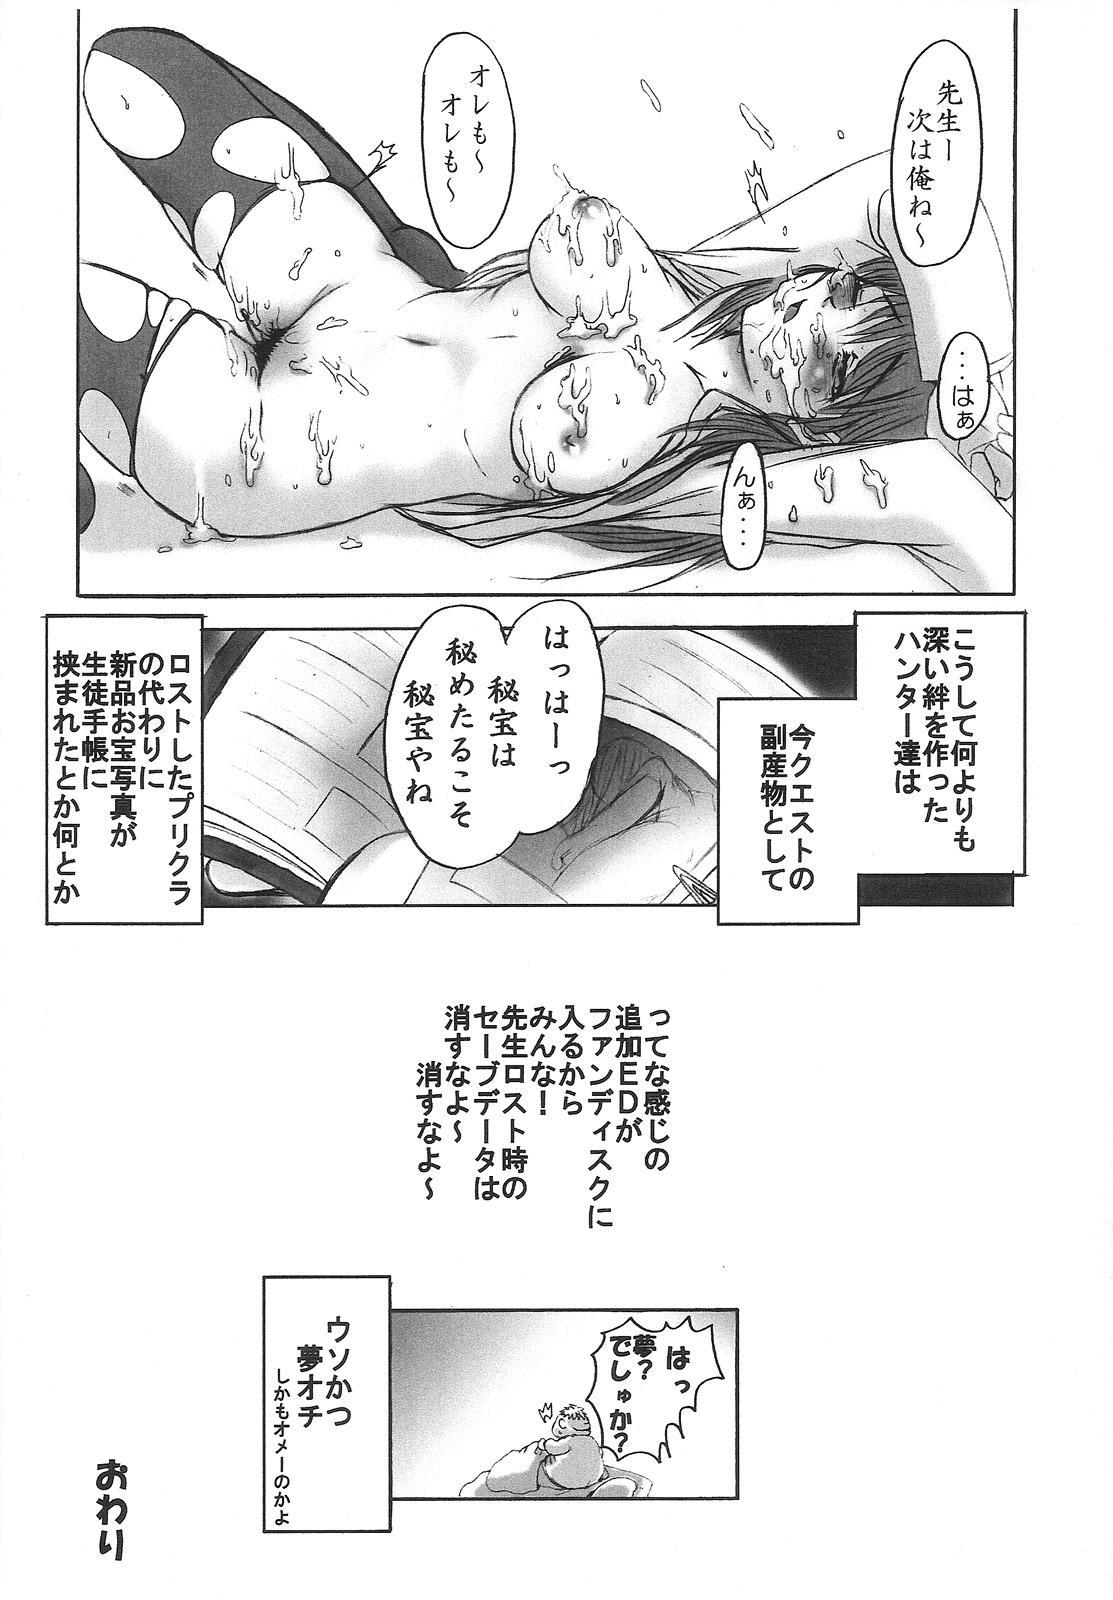 3 Nen C Gumi Oresuko Sensei 14